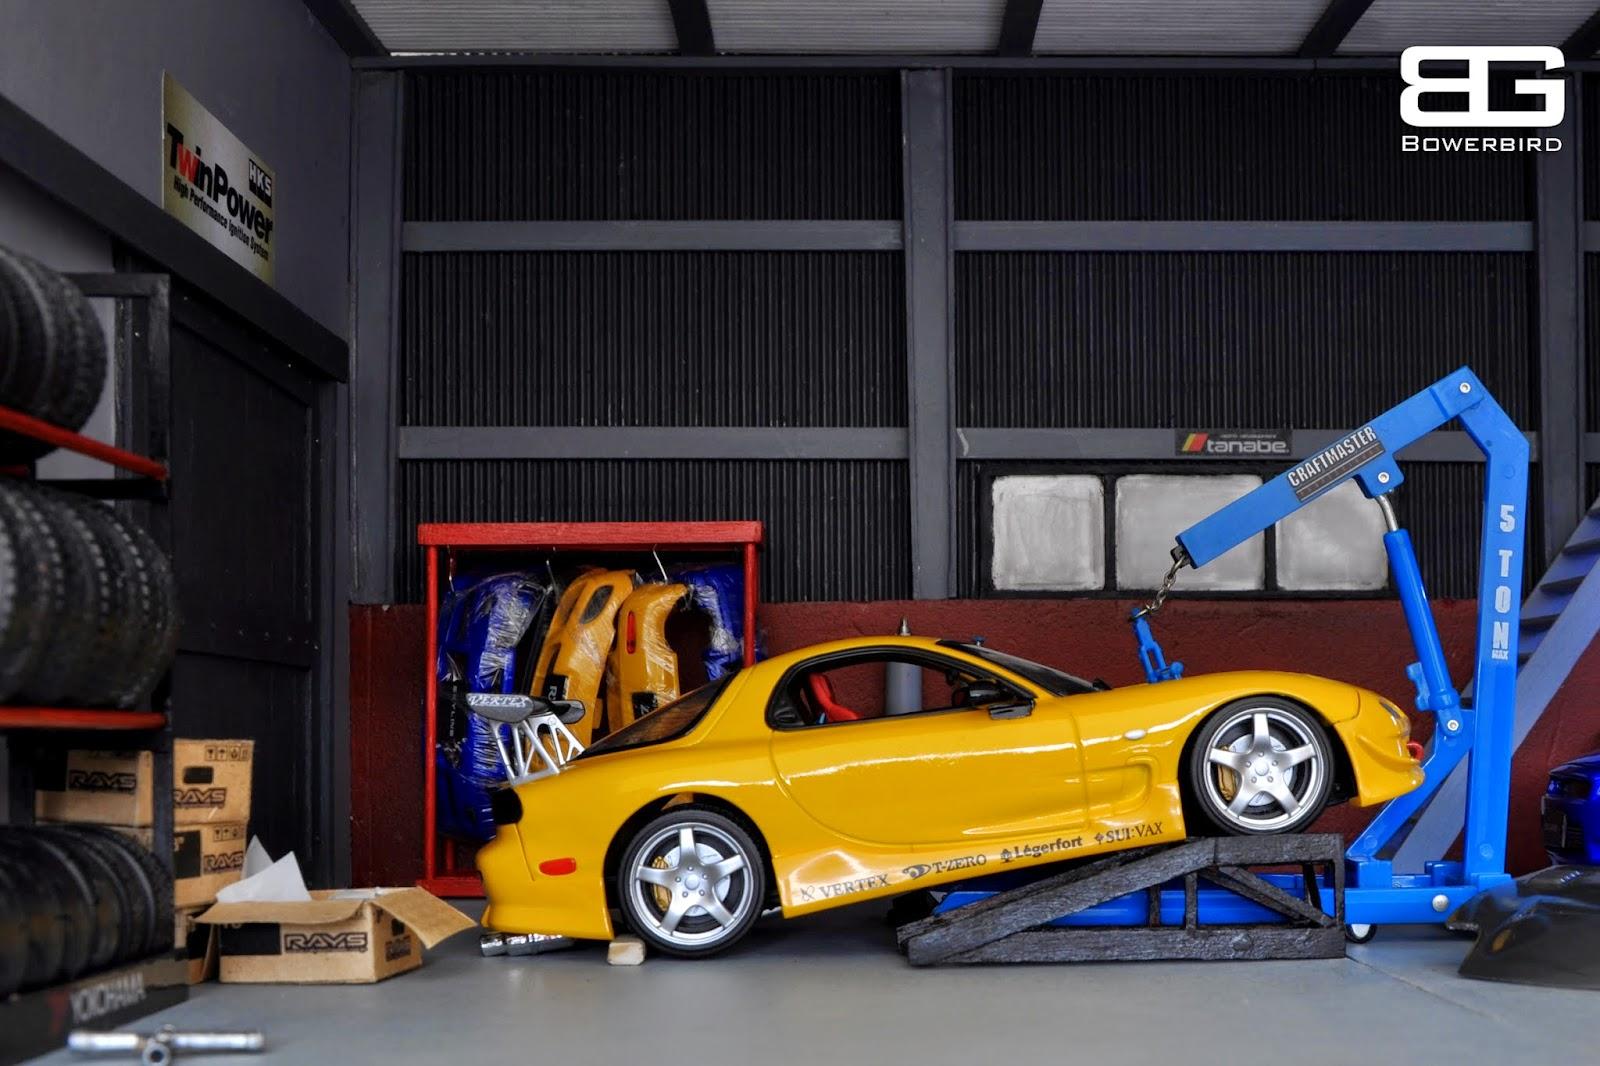 Bowerbird garage diorama bowerbird garage jdm cars for Garage credit auto 0